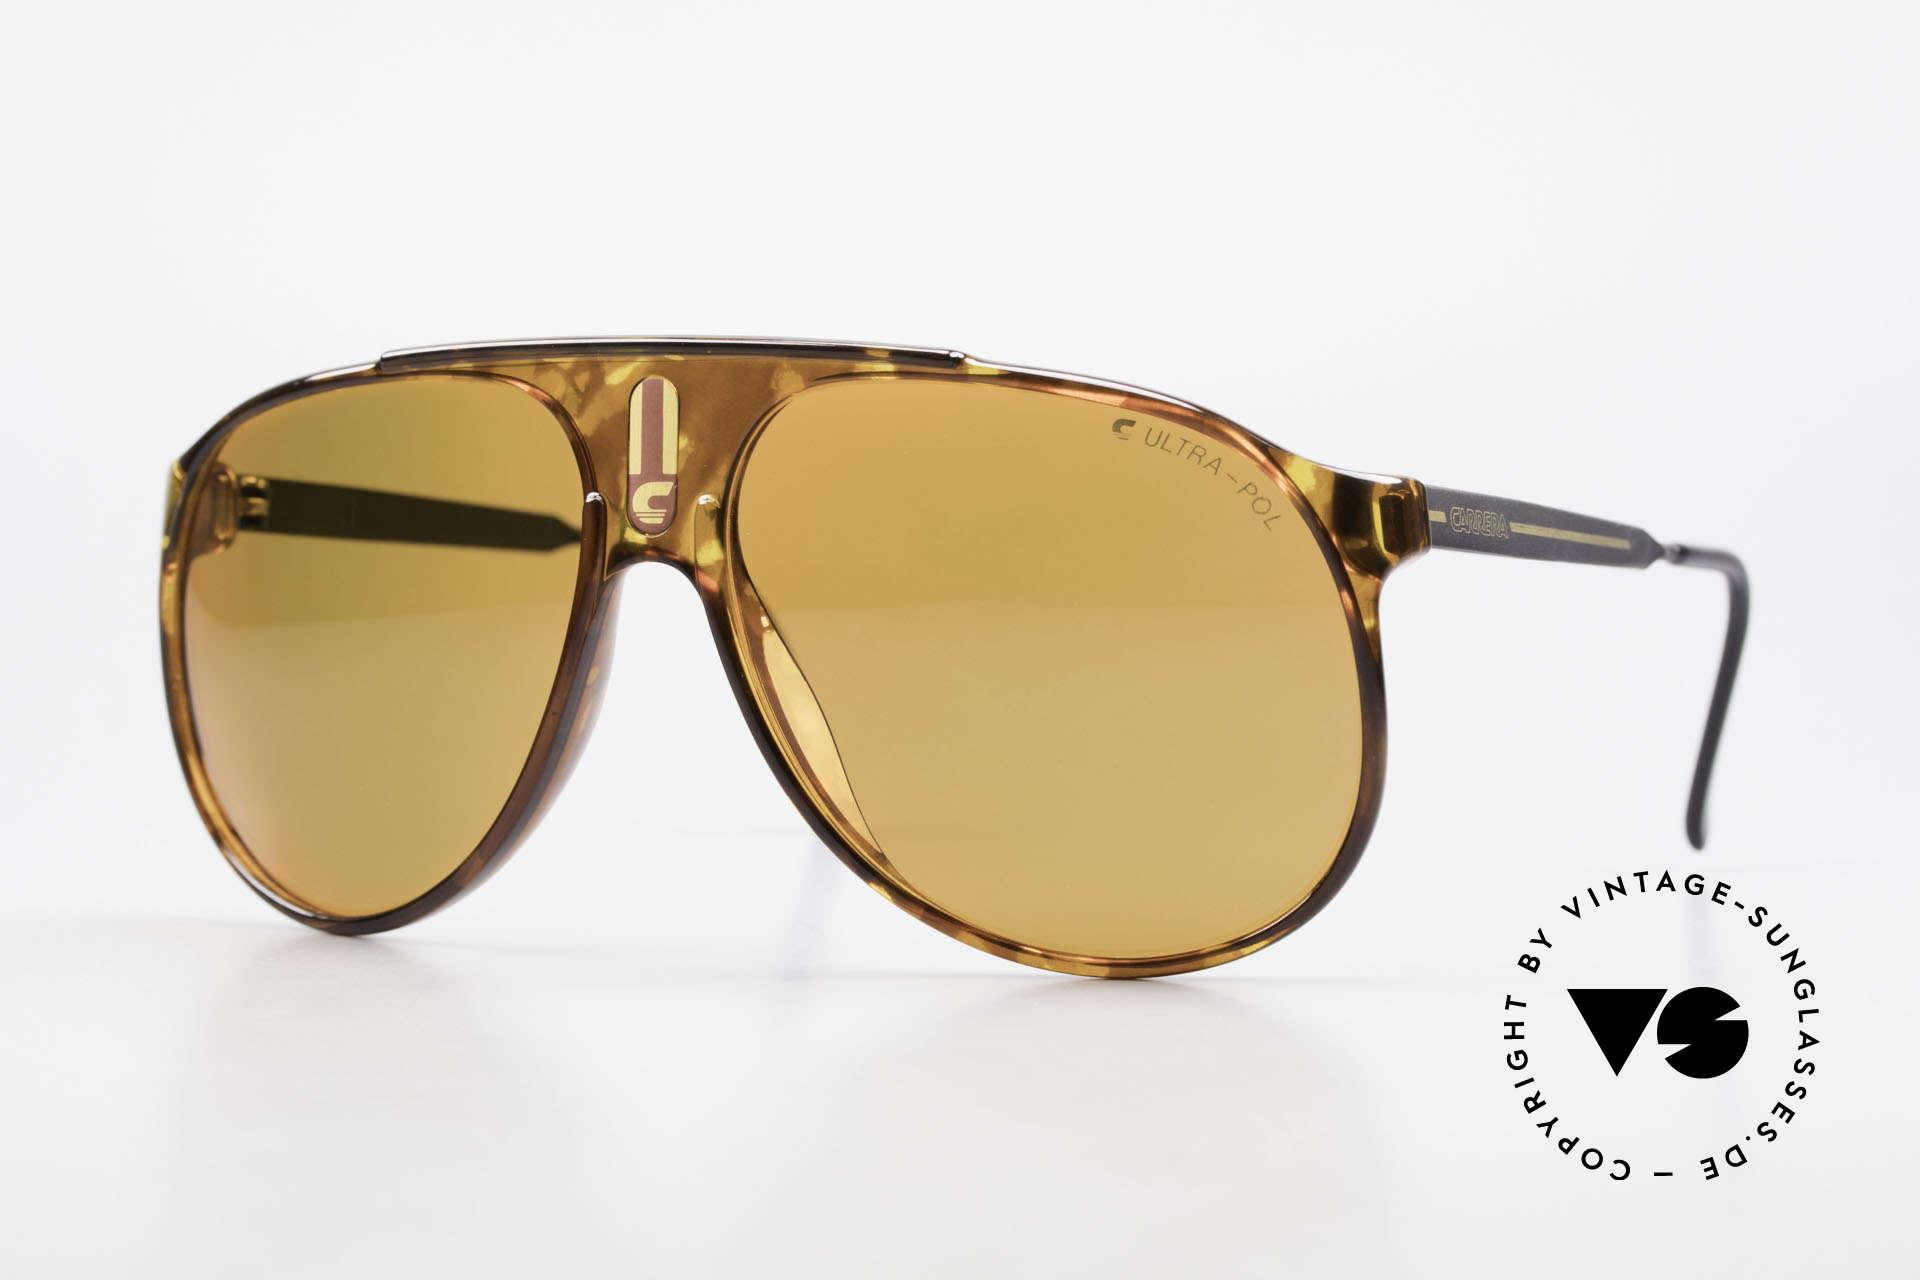 Carrera 5424 80s Sonnenbrille Polarisierend, alte 80er original Sportsonnenbrille von Carrera, Passend für Herren